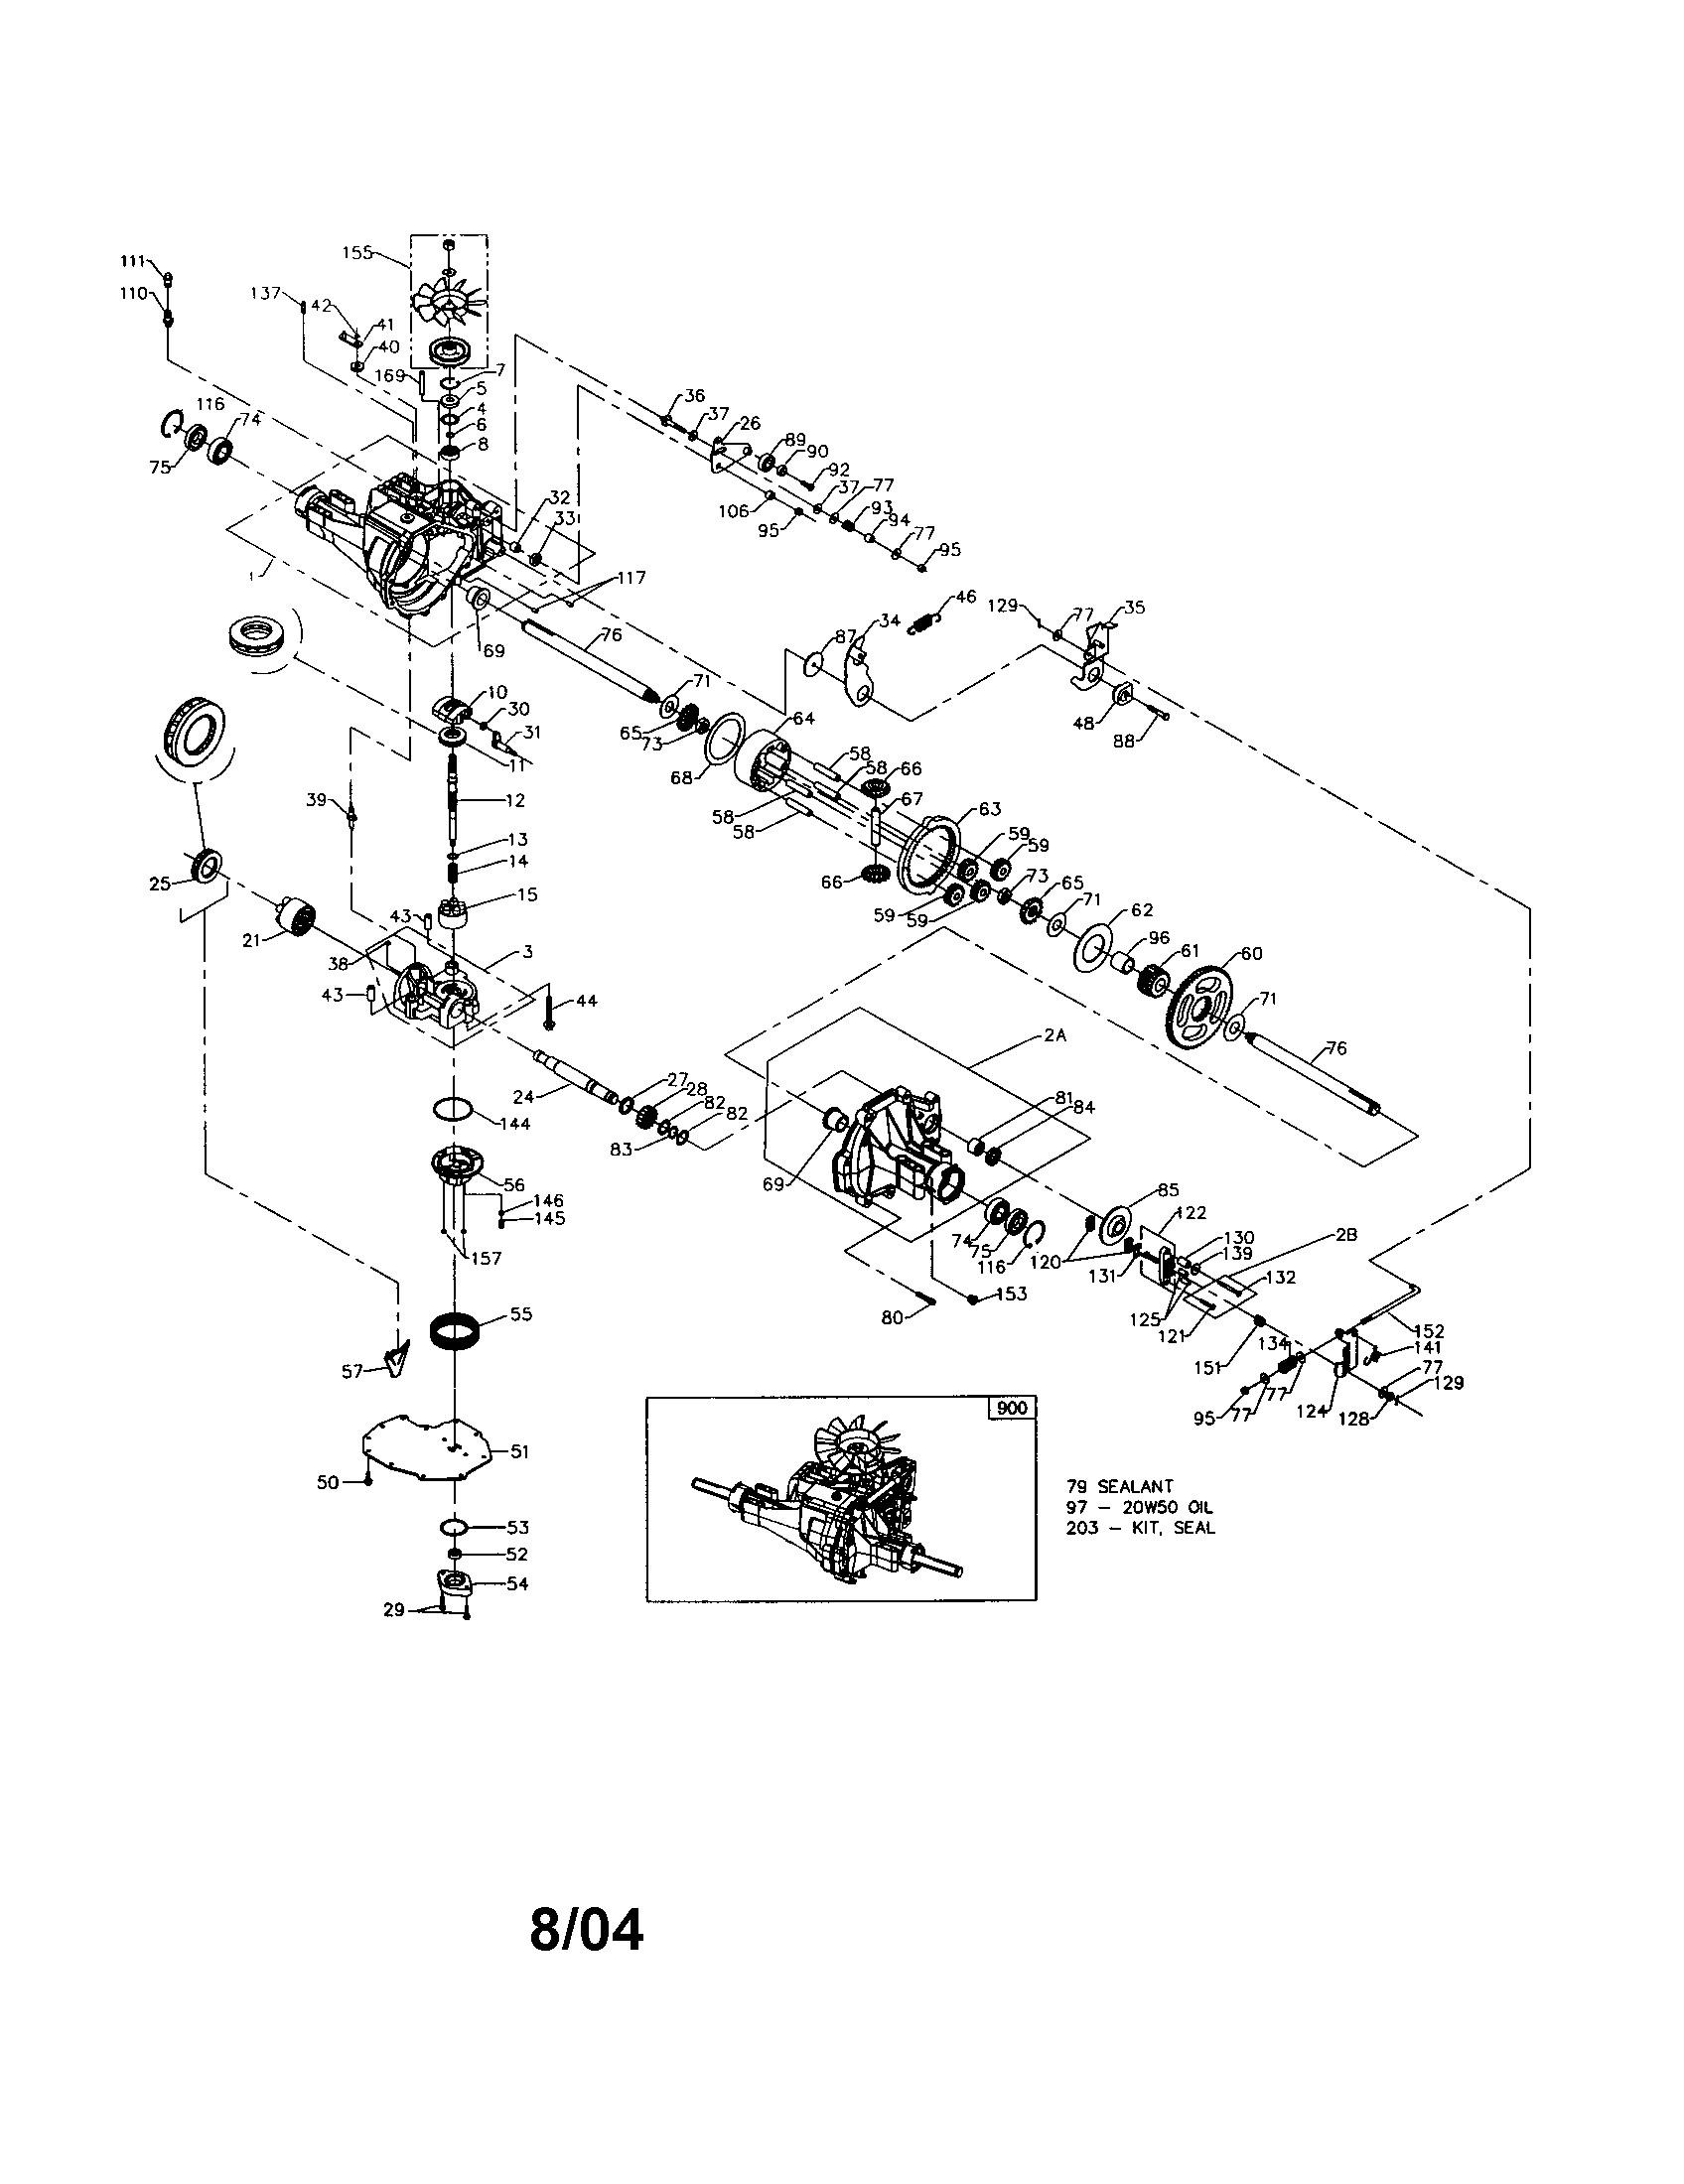 Craftsman Gt 5000 Parts Diagram 917 Garden Tractor 26 Hp